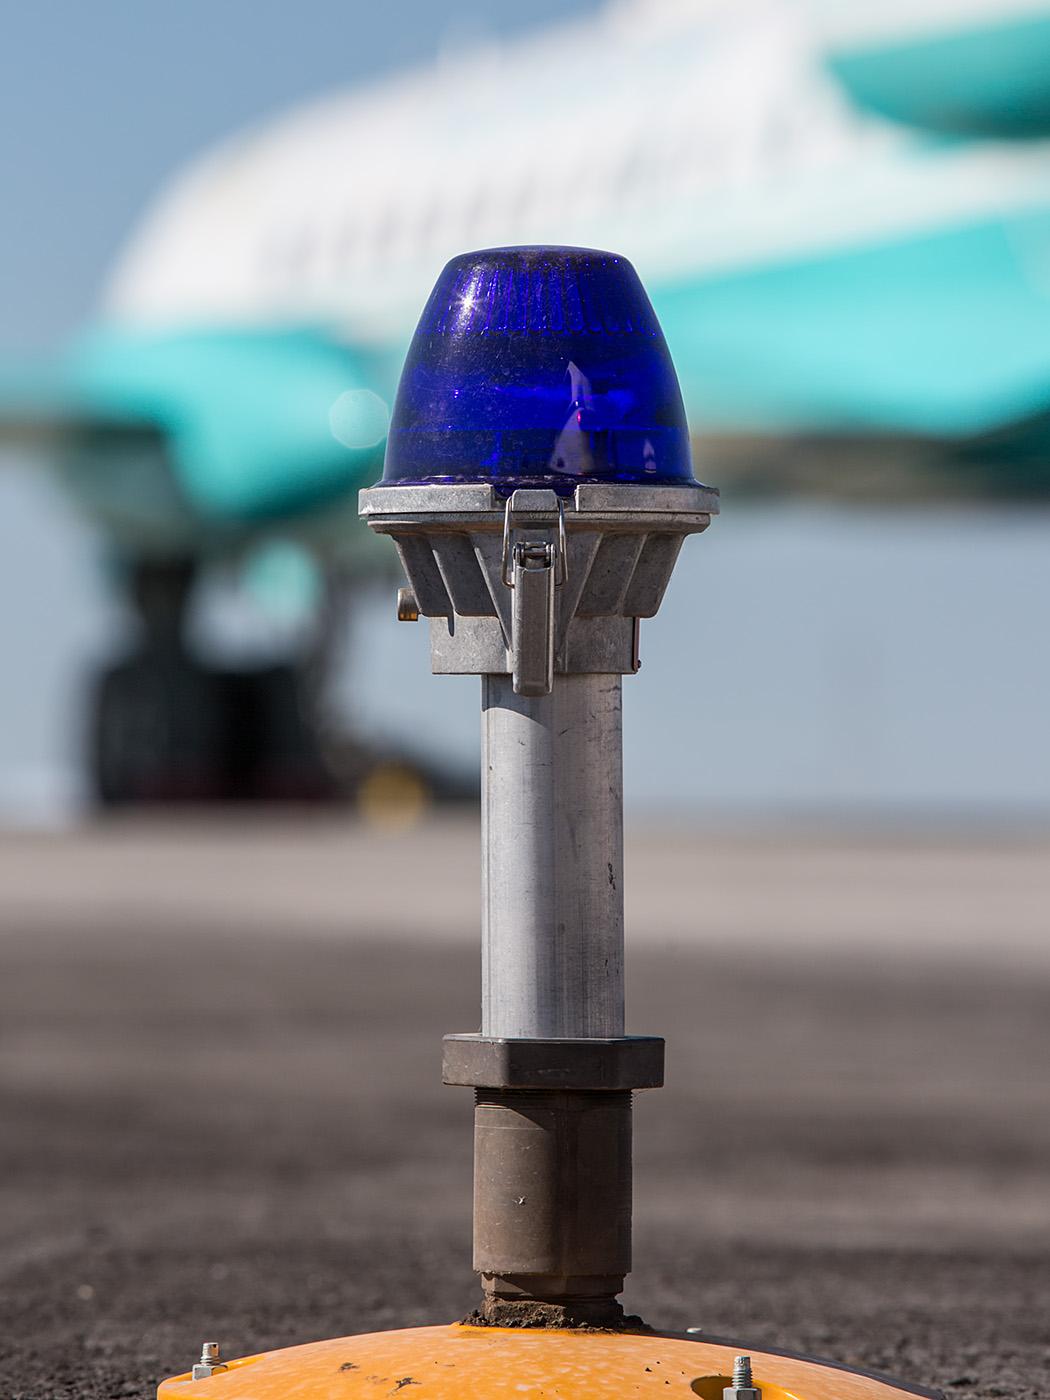 Die Tupolev Tu-134 der Regierungsfliegerstaffel macht sich auf den Weg.